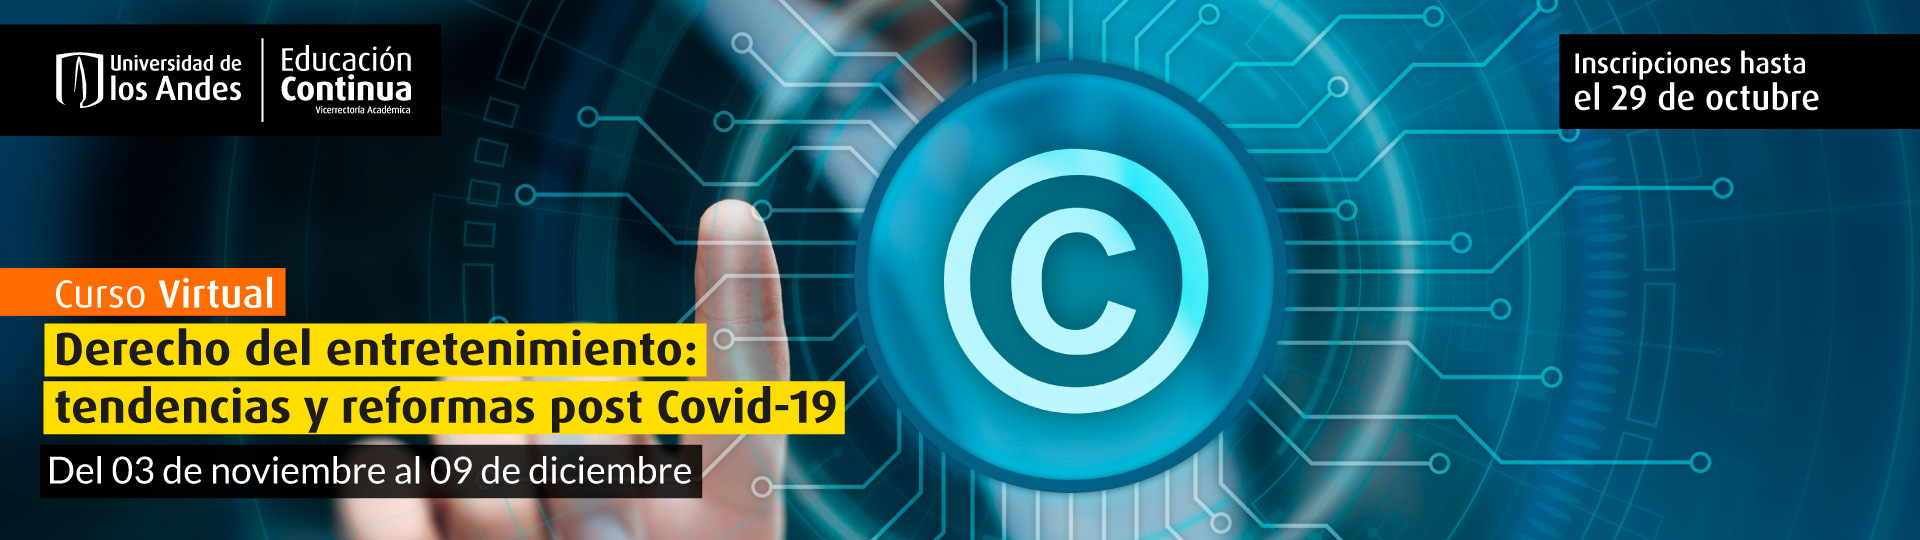 Educación continua. Curso Derecho del entretenimiento: tendencias y reformas post Covid-19 - Uniandes